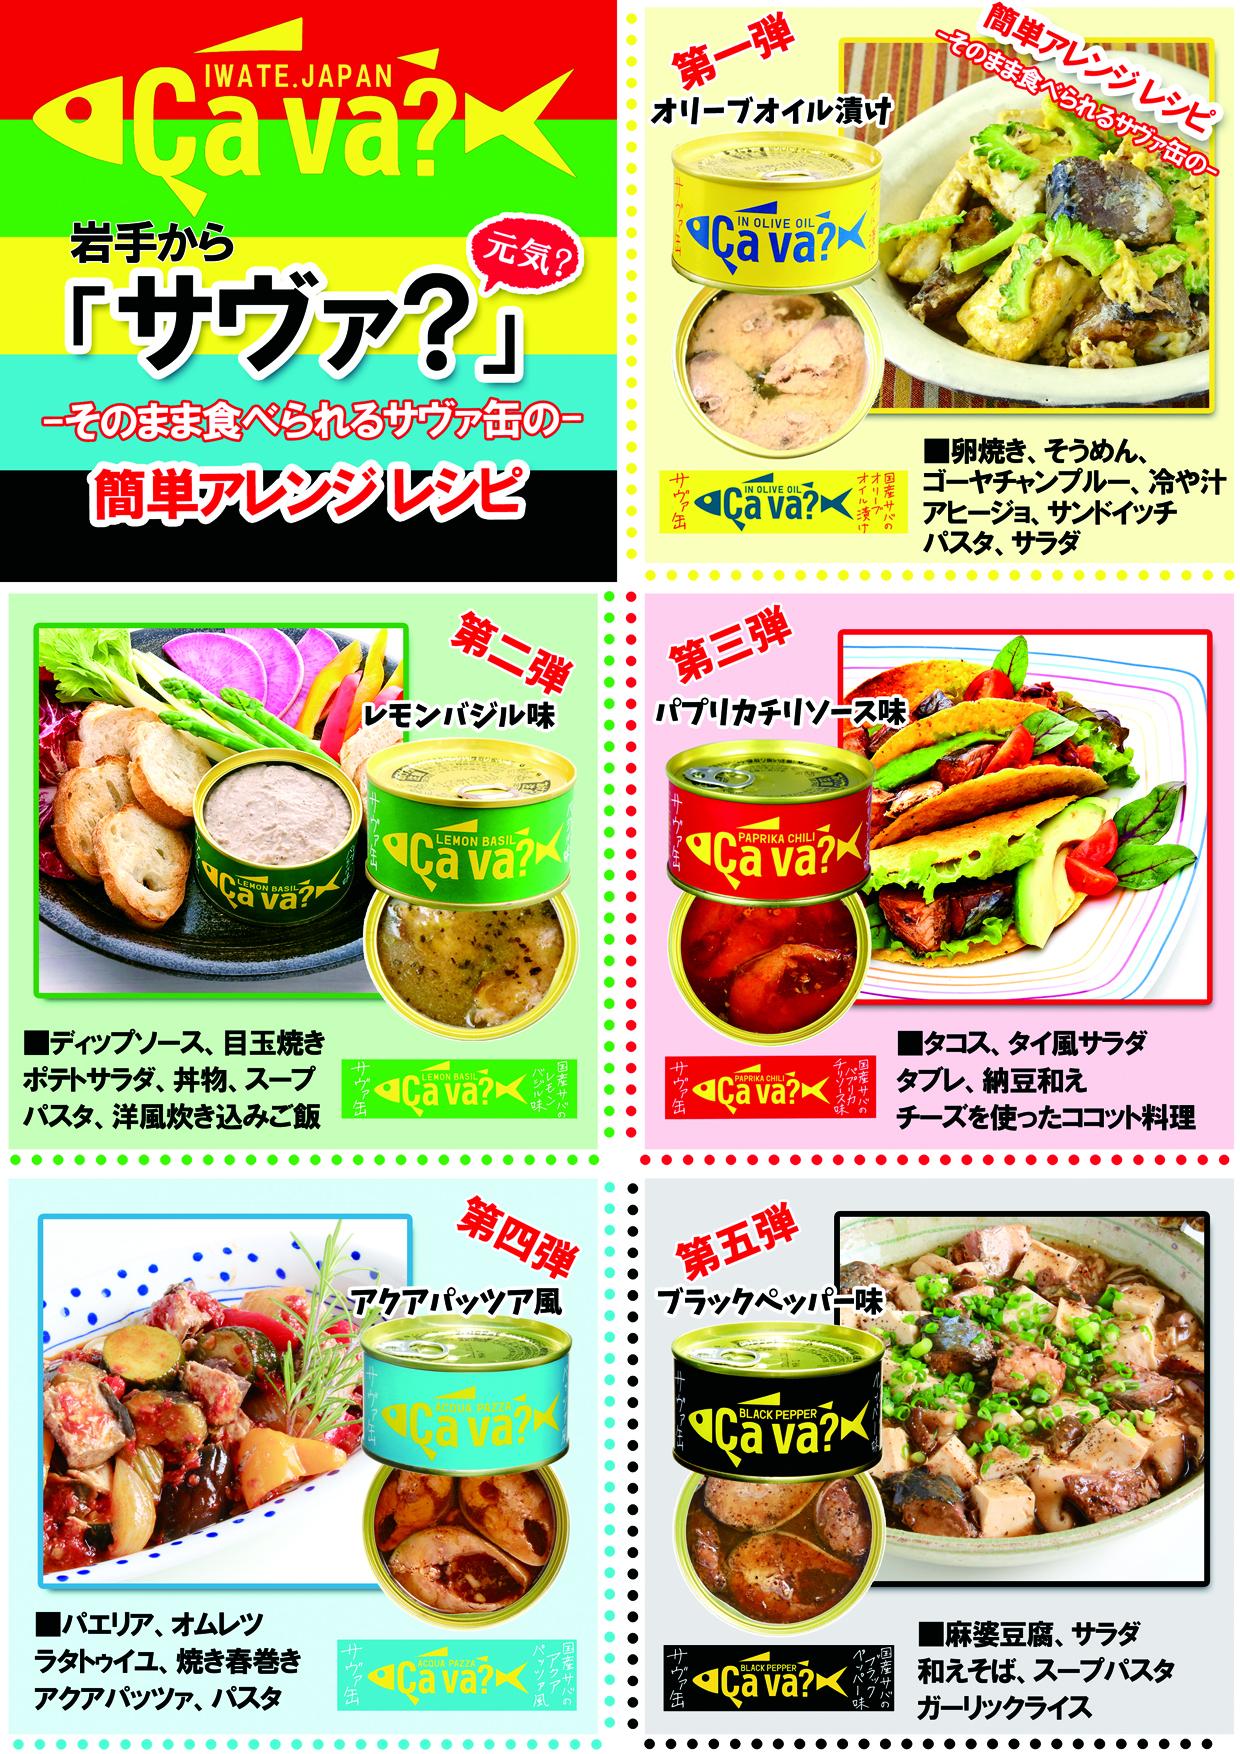 岩手【サヴァ缶】 国産サバのオリーブオイル漬の商品画像 (2)